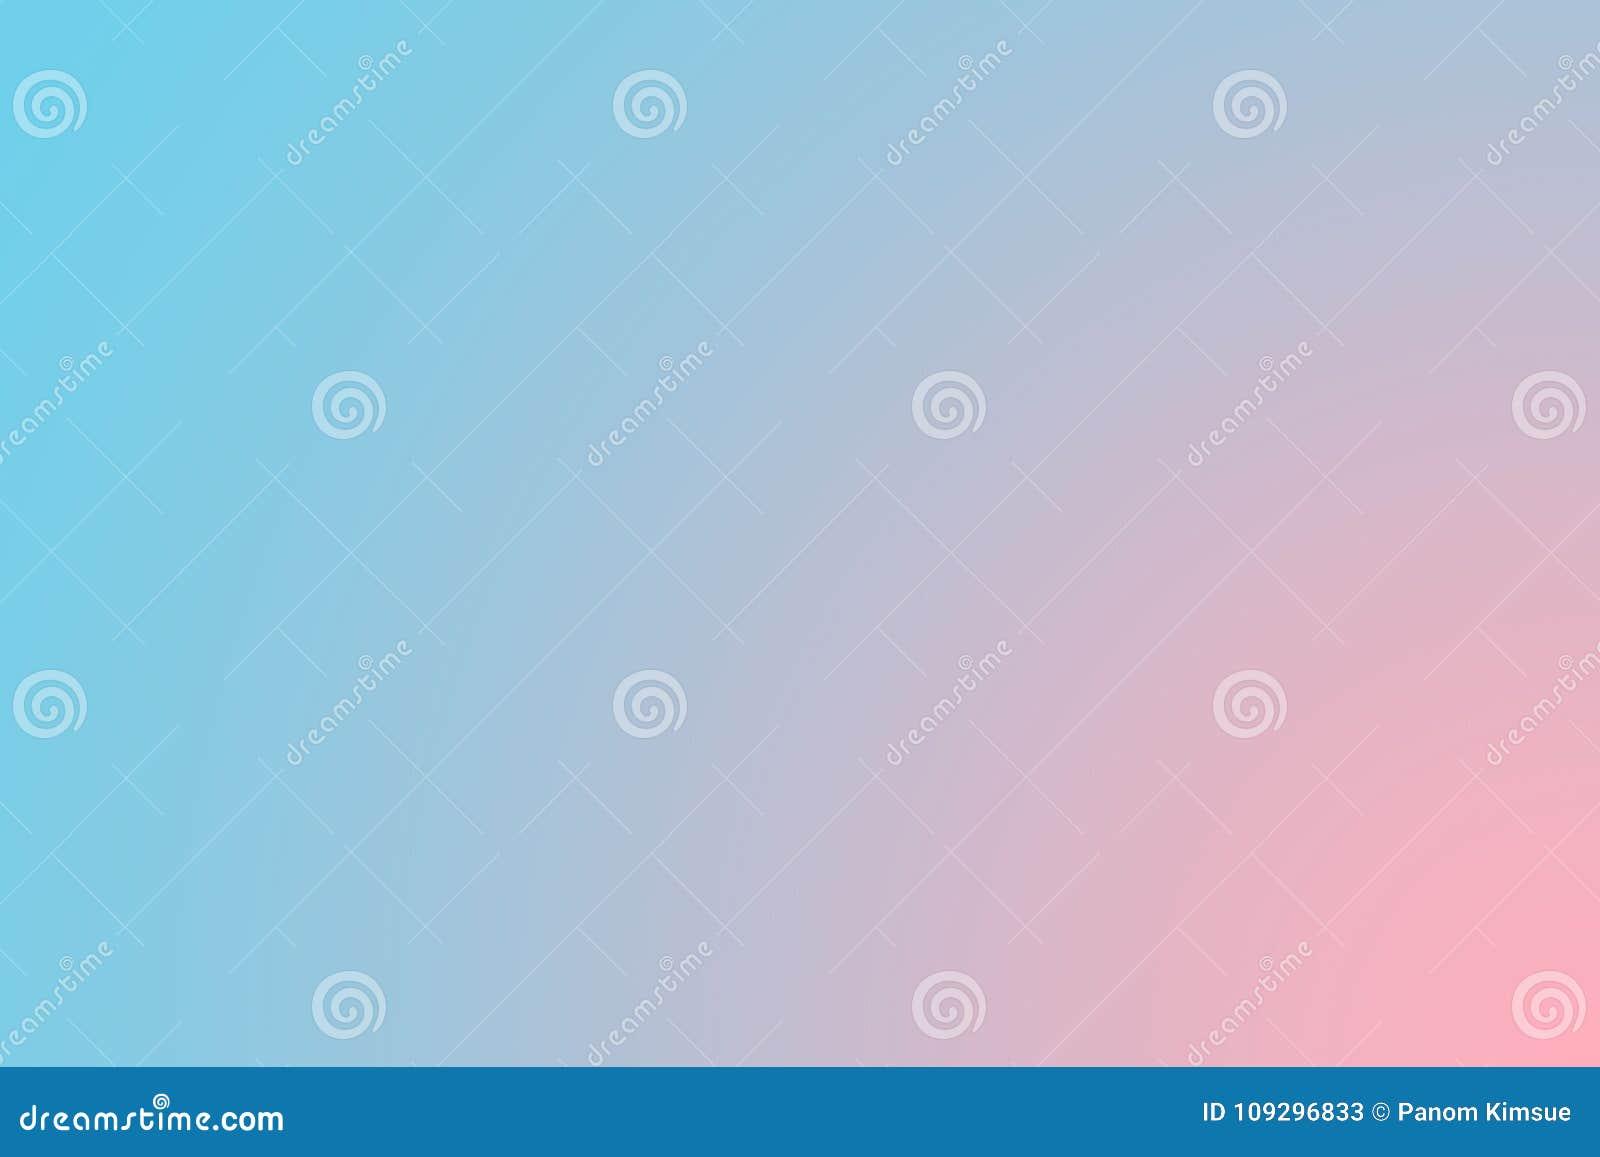 Мягко помадка запачкала голубую и розовую предпосылку пастельного цвета Абстрактные обои настольного компьютера градиента